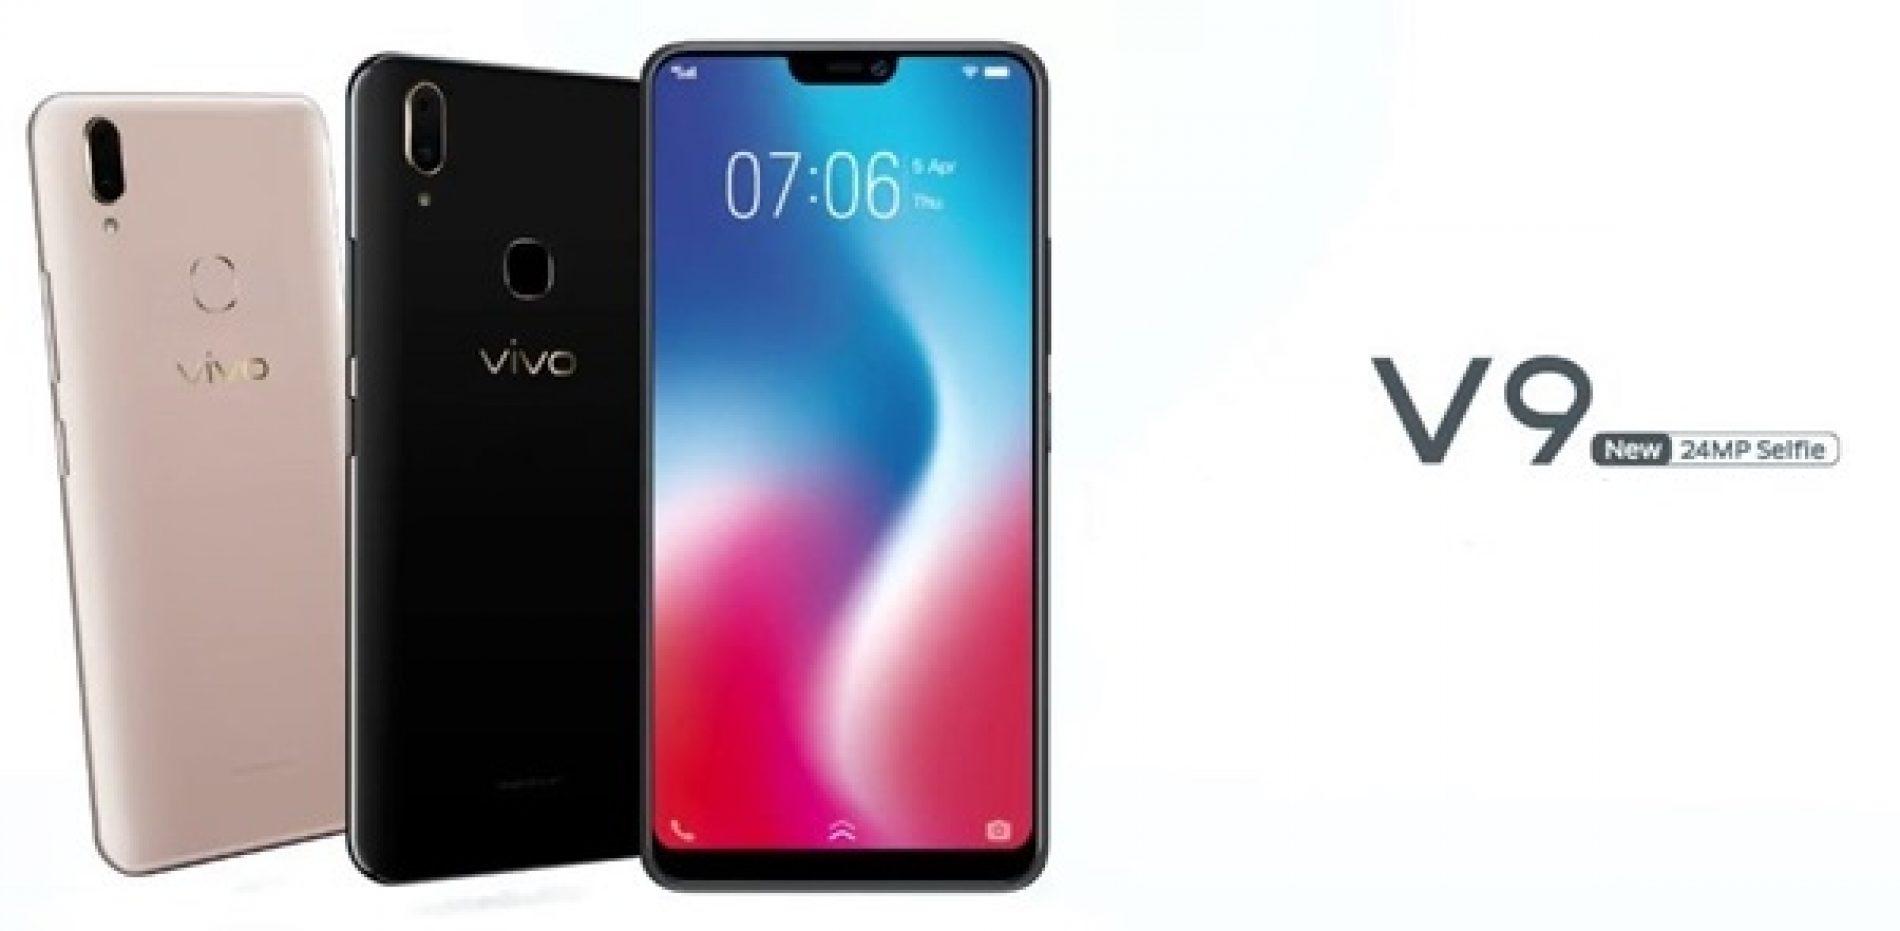 Vivo V9'un Gelişmiş Versiyonu Tanıtıldı!